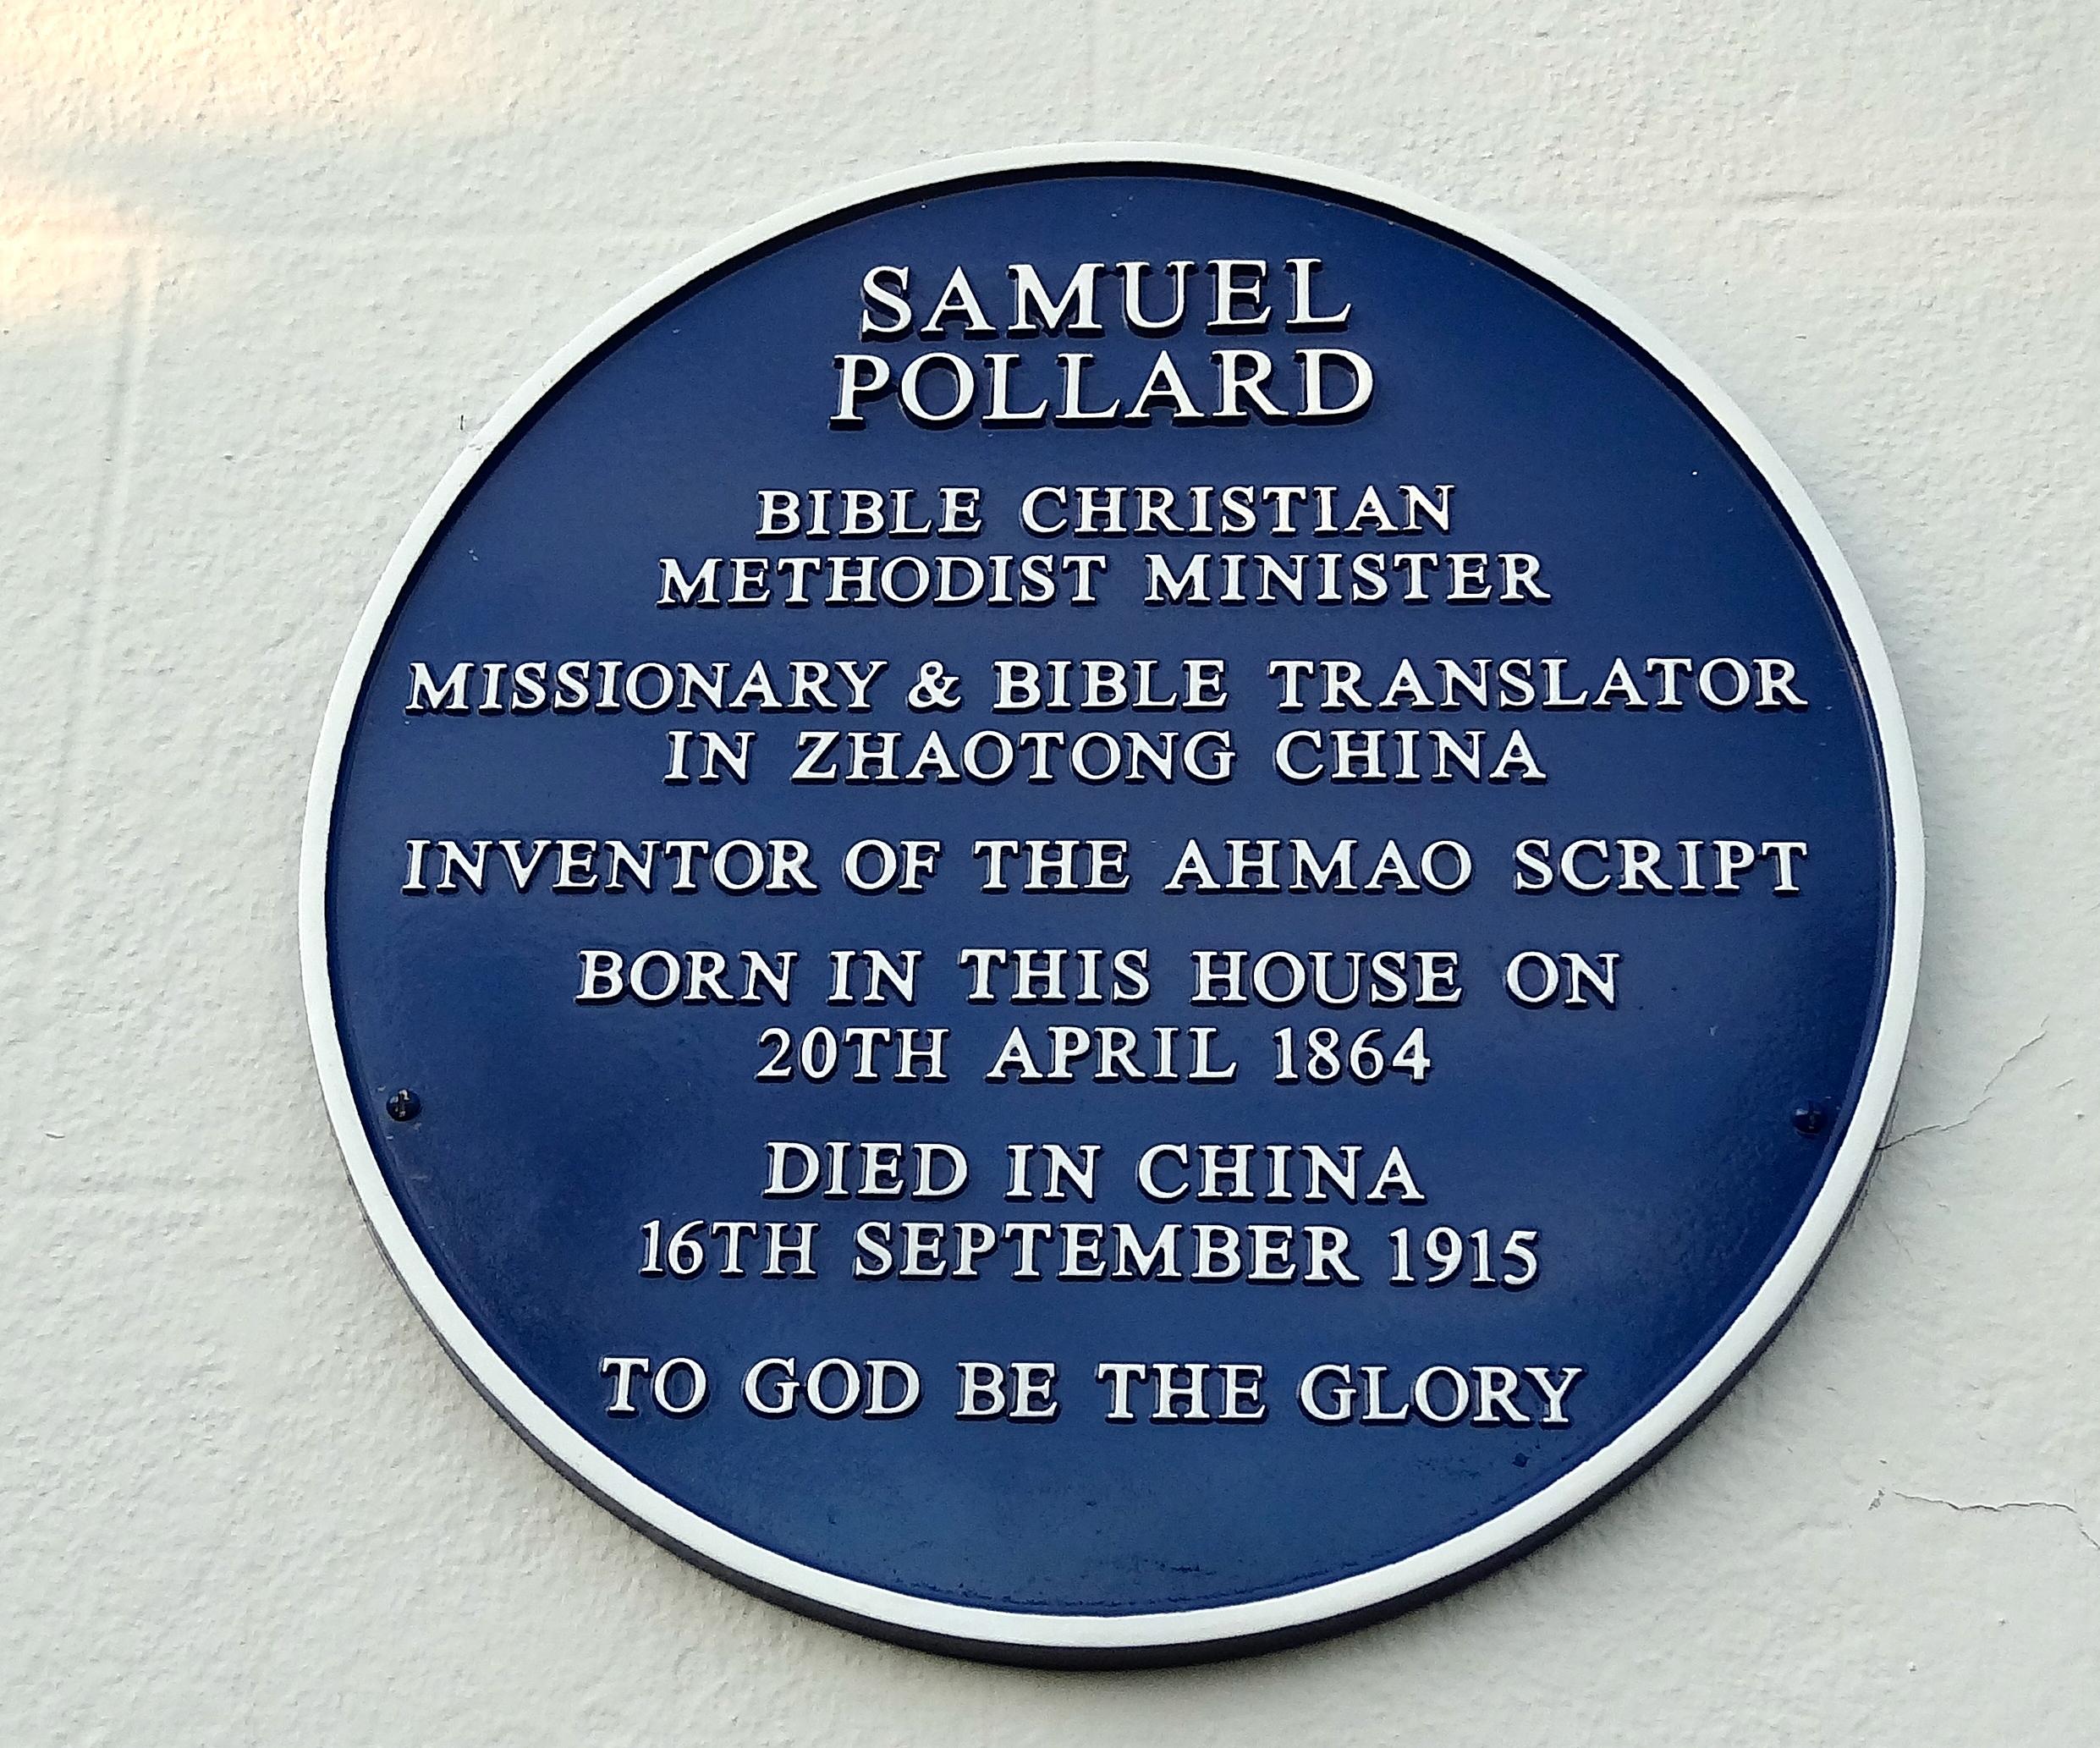 Blue plaque commemorating Samuel Pollard